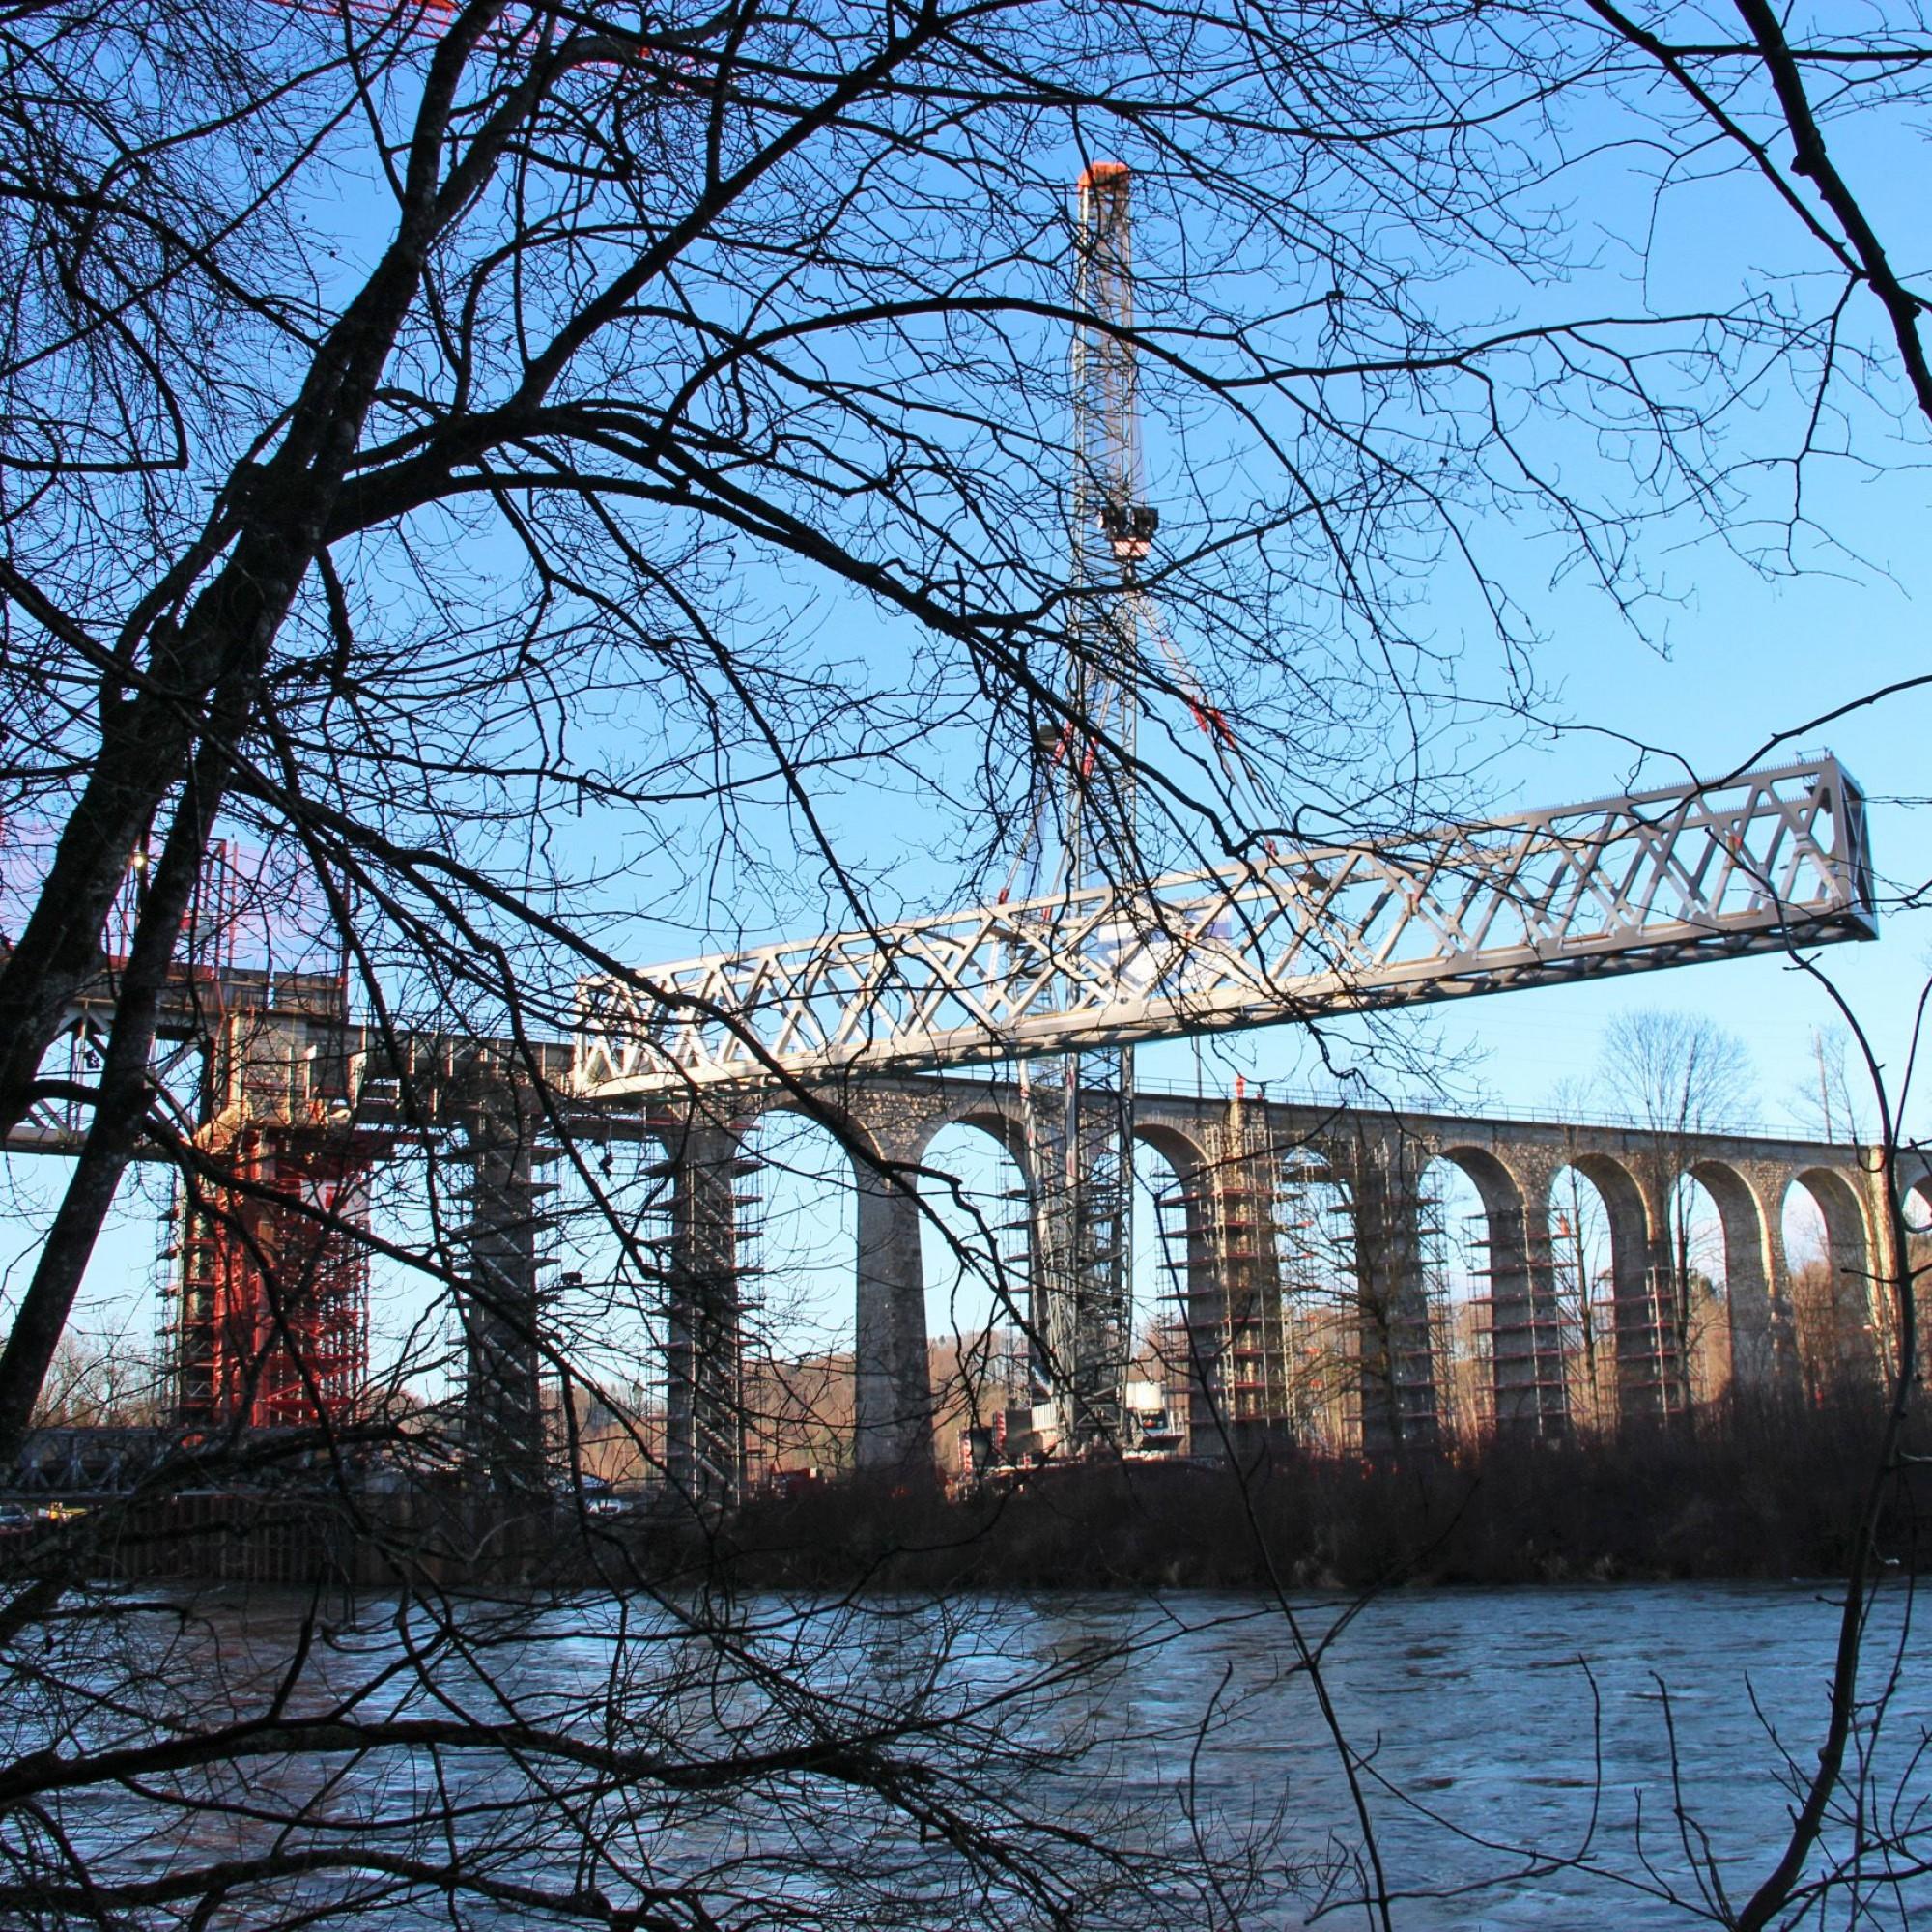 Stahlbrücke Saaneviadukt Saane